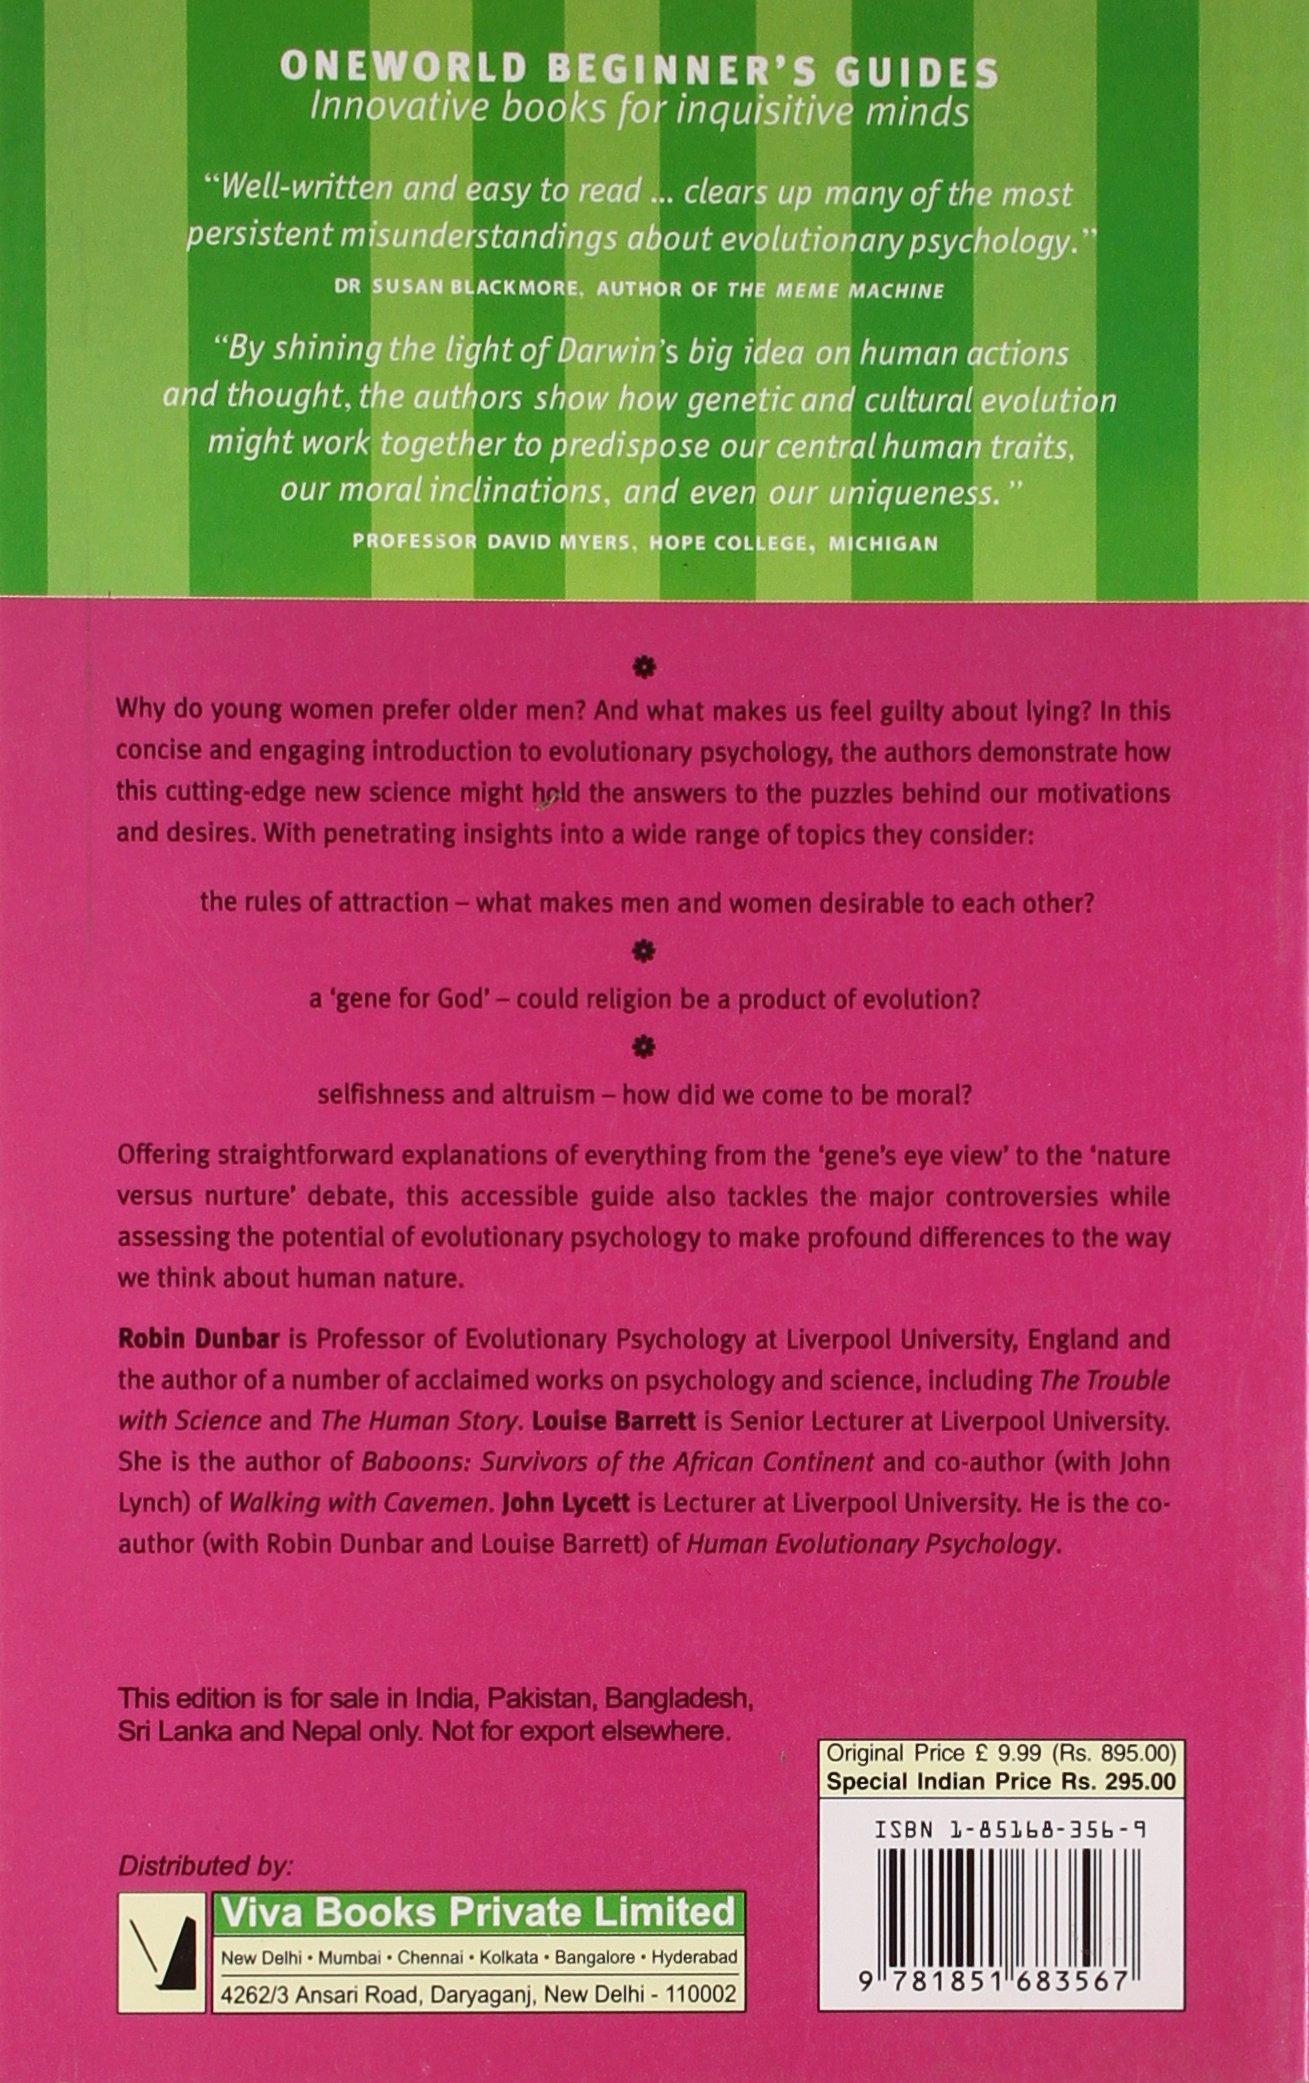 Evolutionary Psychology A Beginners Guide Guides Robin Dunbar Louise Barrett John Lycett 9781851683567 Amazon Books